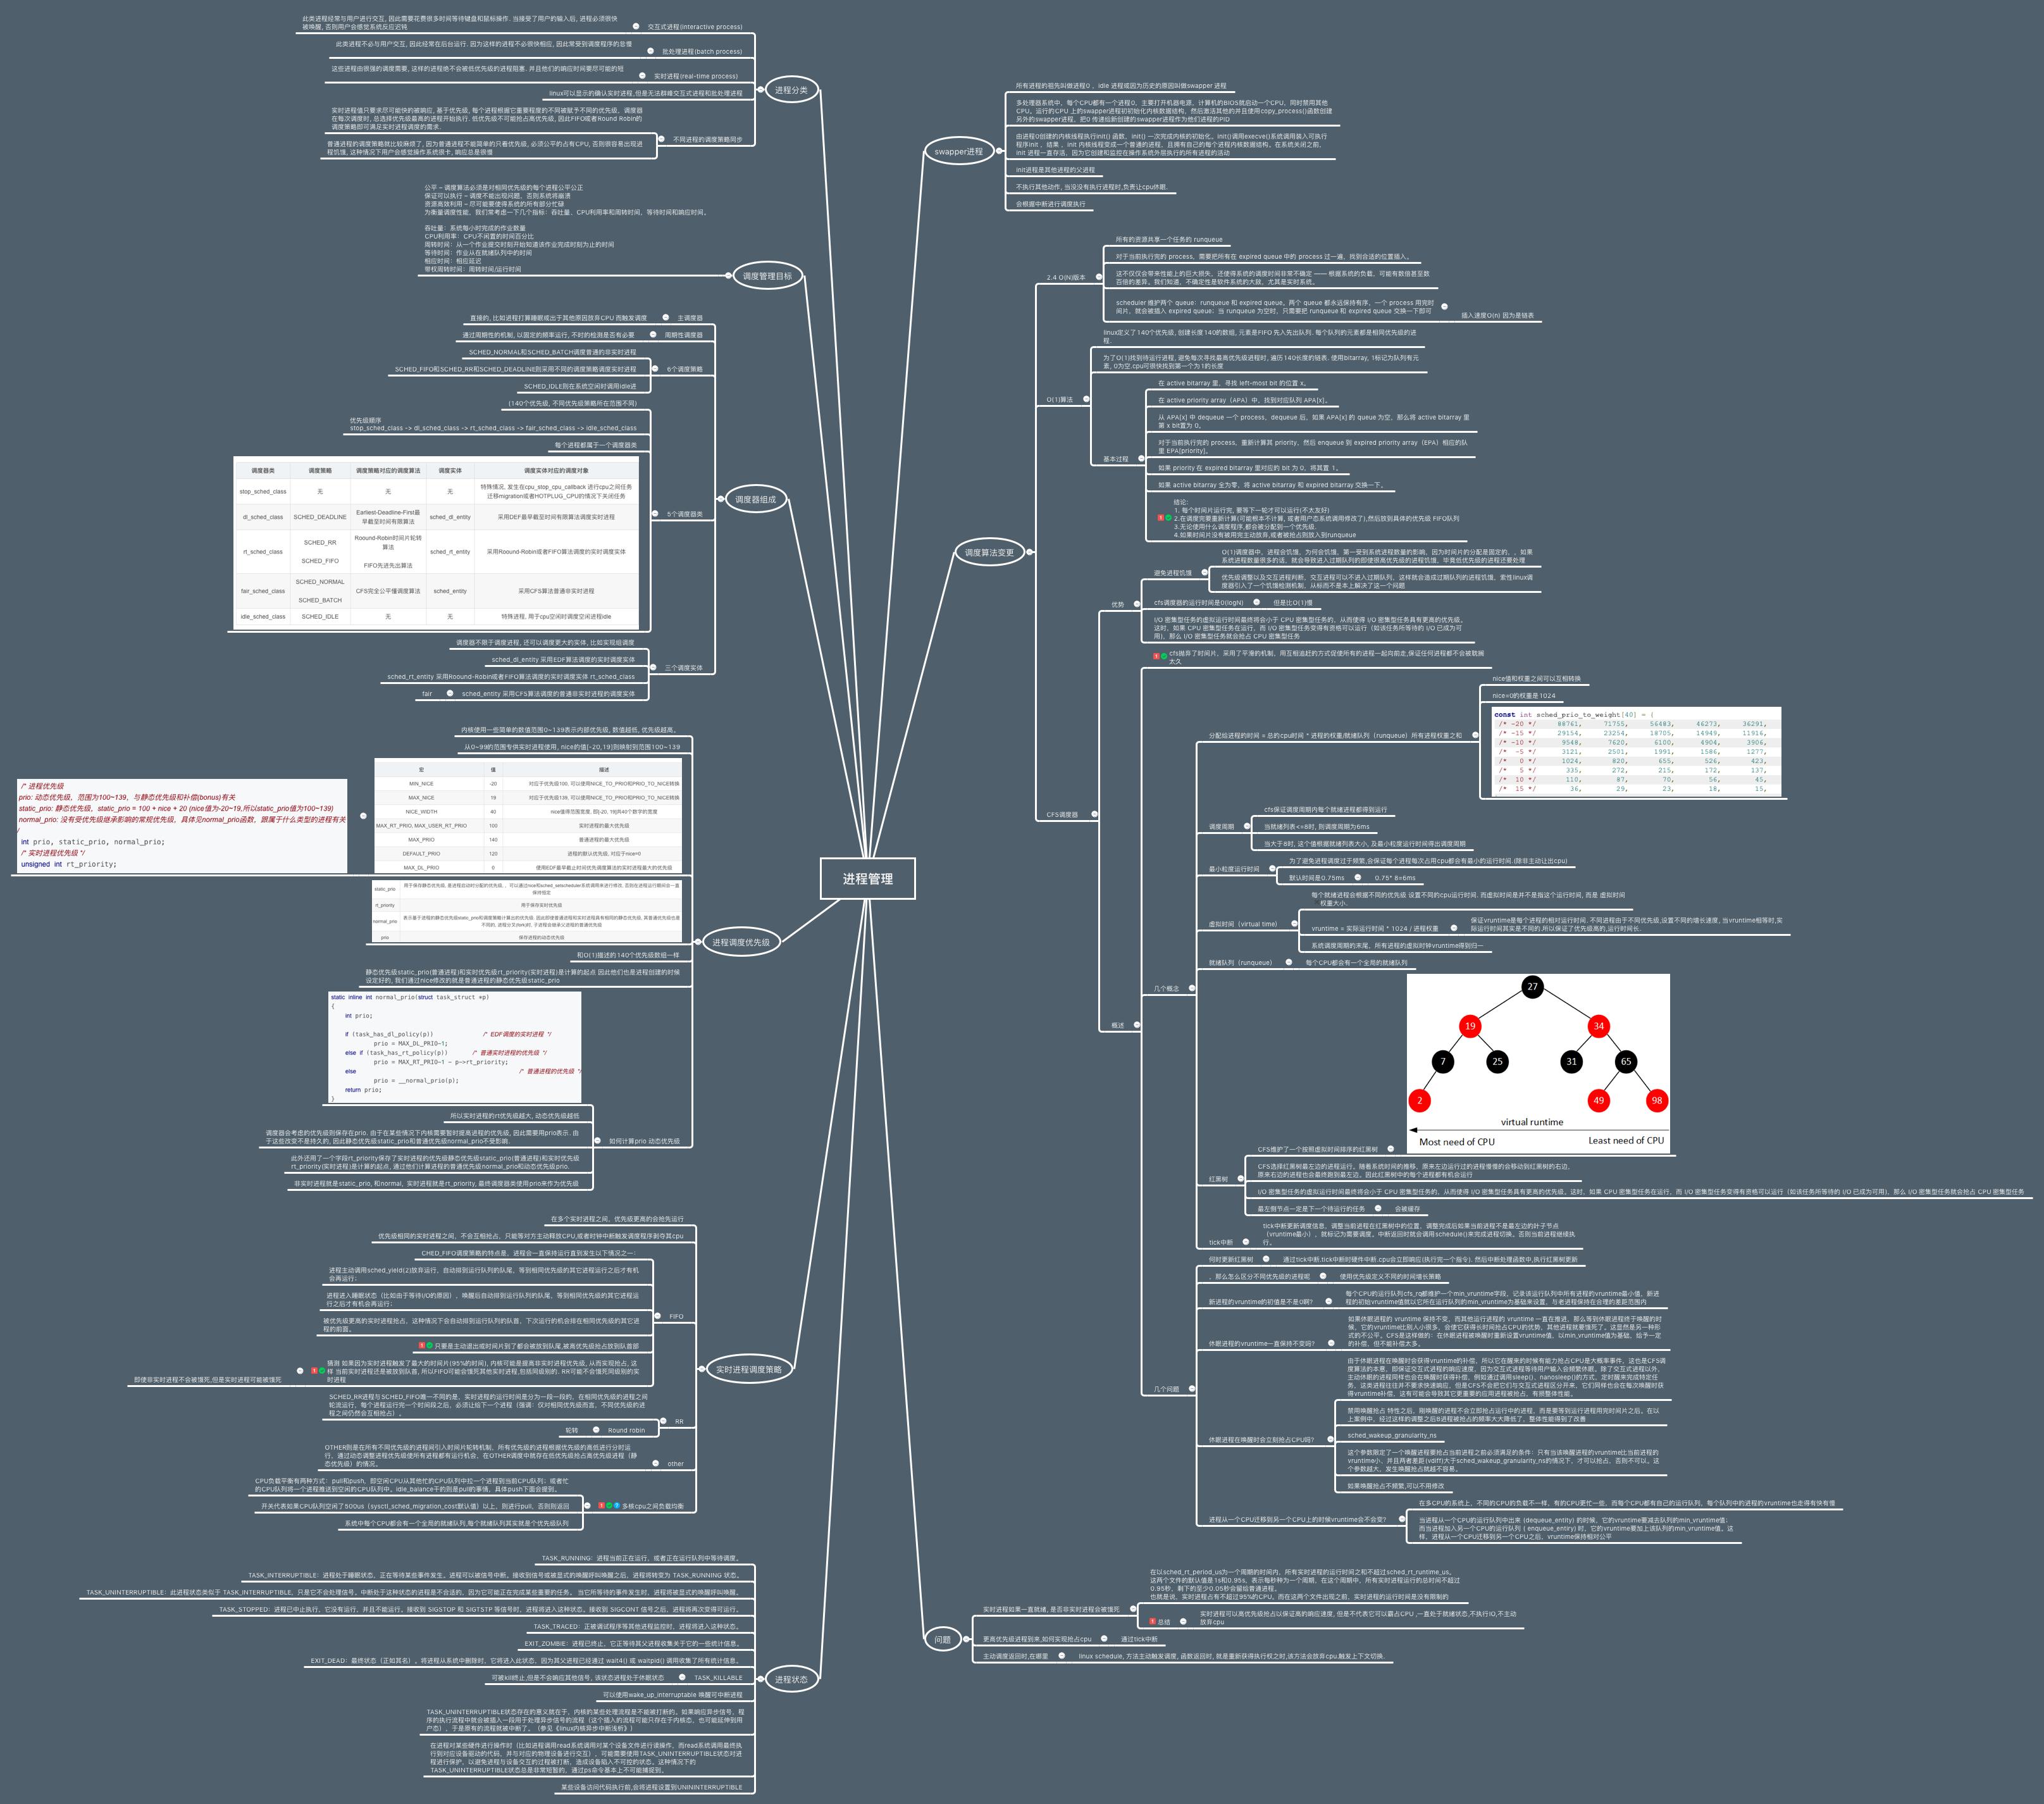 进程管理与调度算法